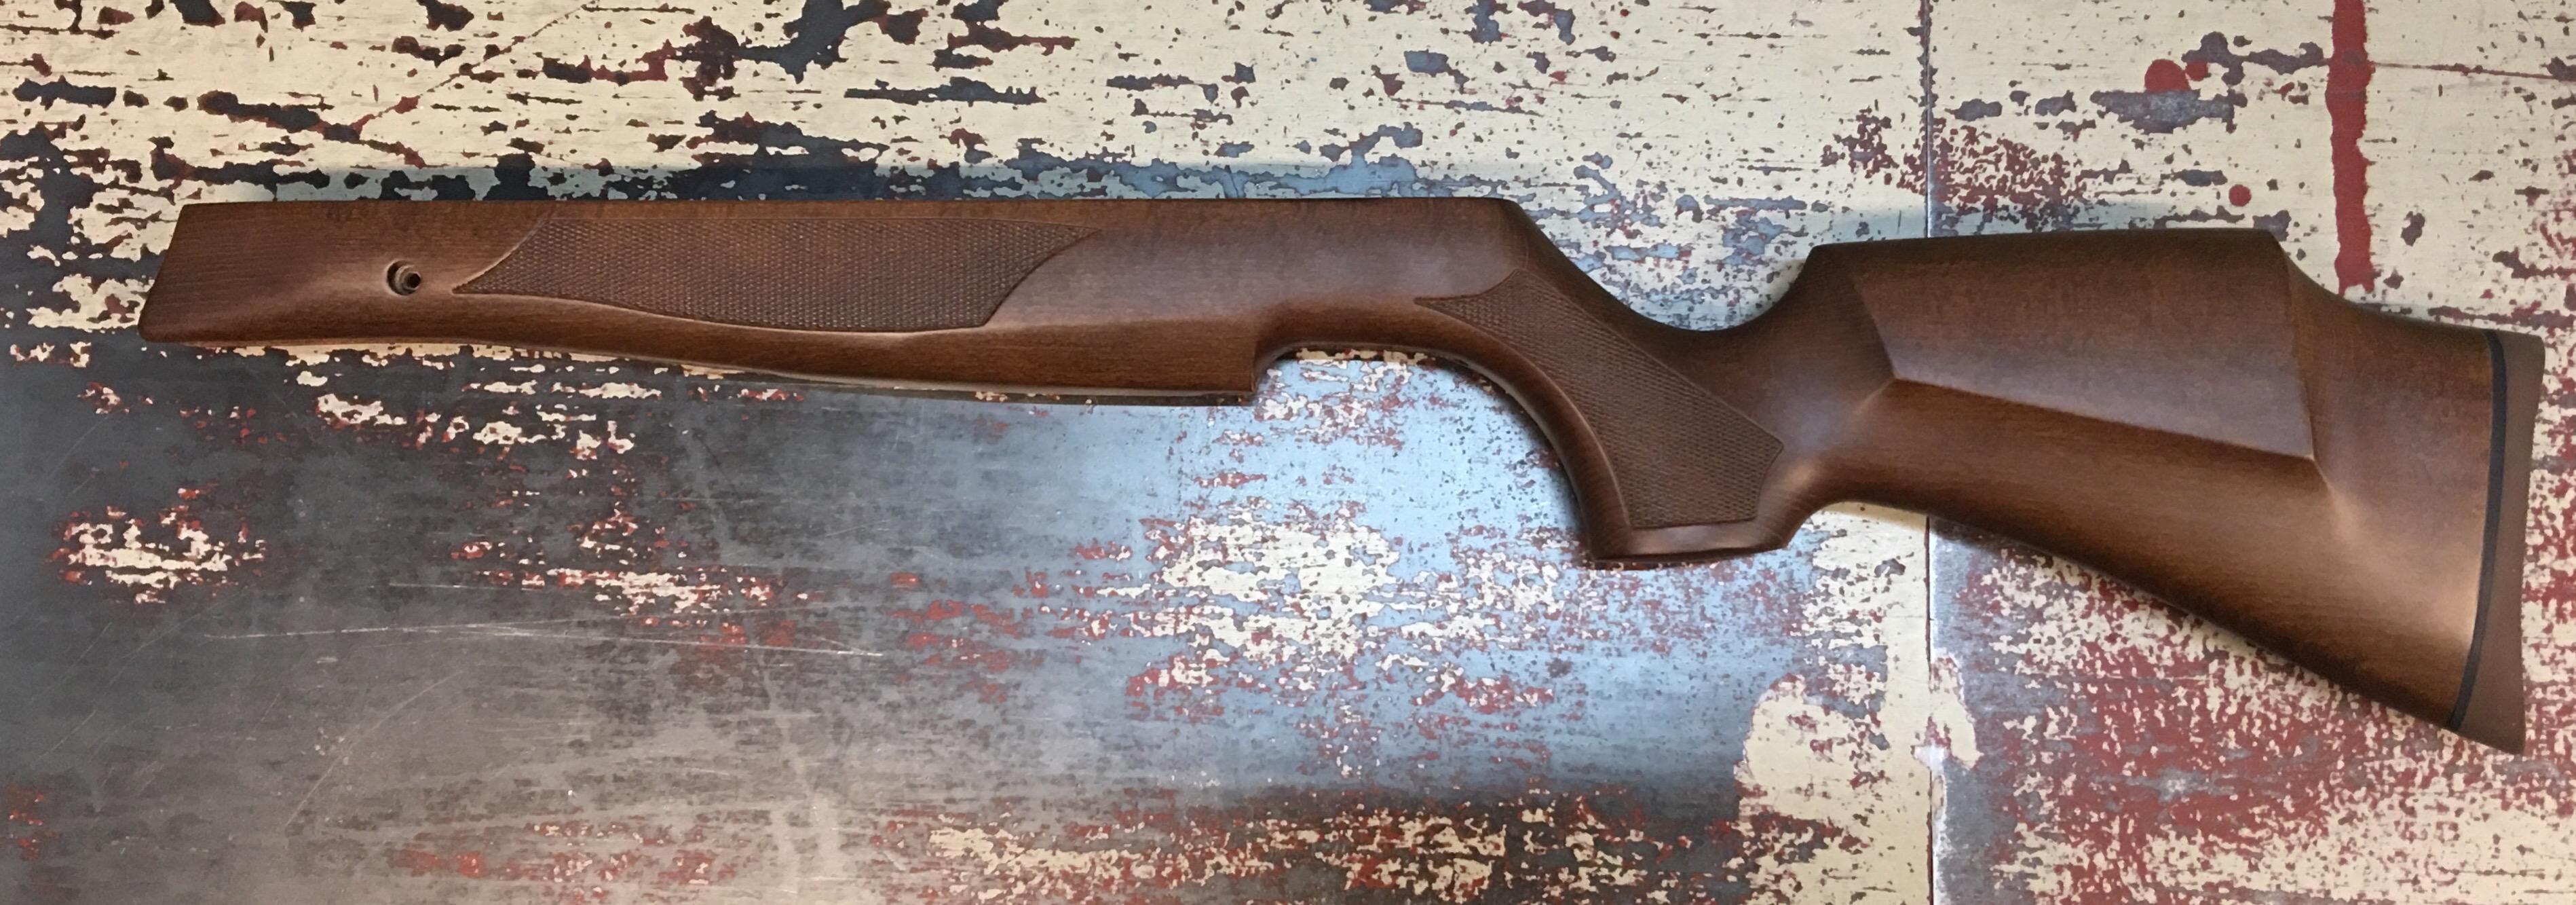 Schaft vom HW77 Standard, flach, beidseitig Backen vorhanden